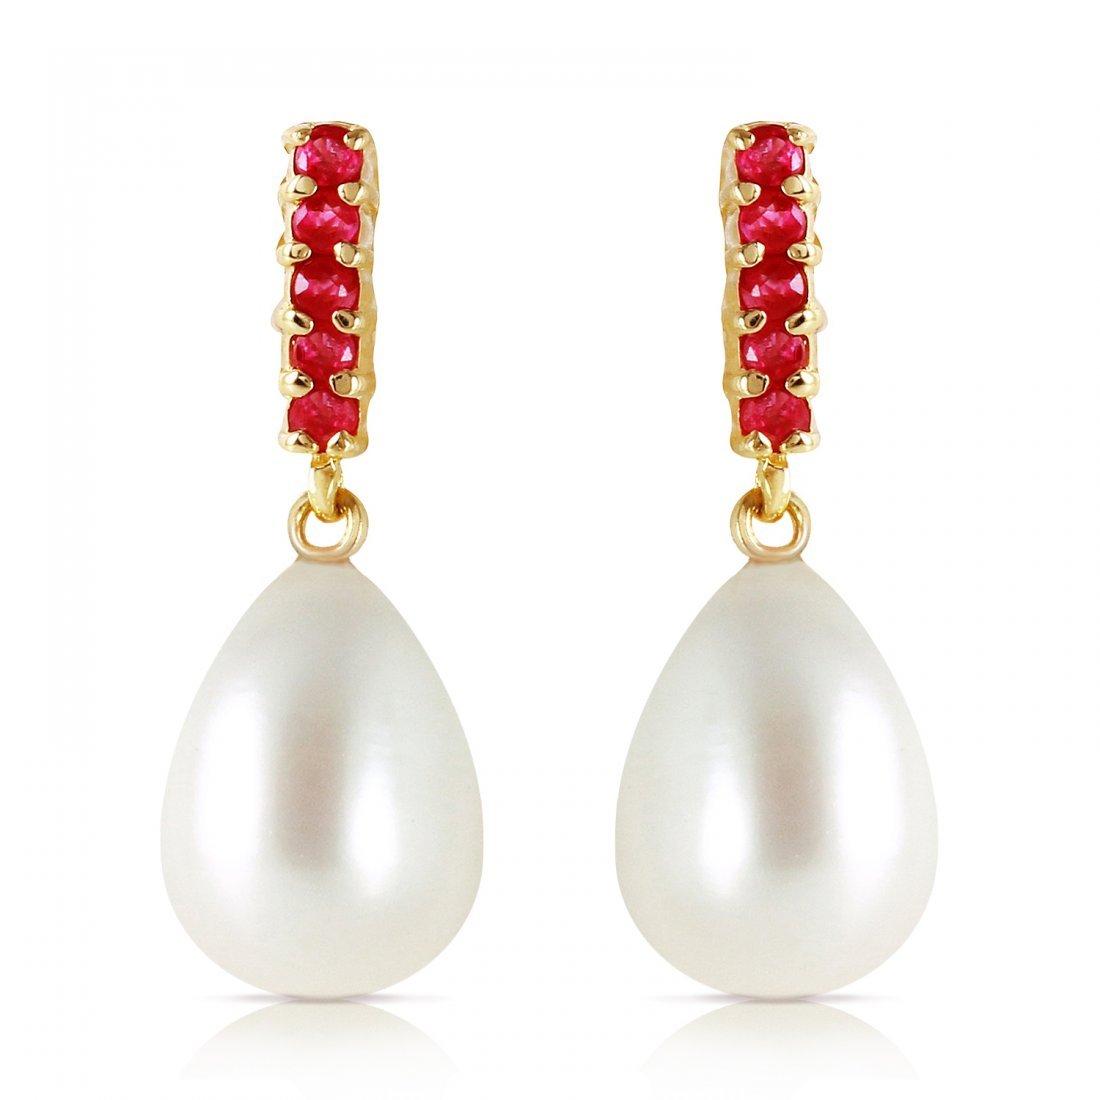 Genuine 8.4 ctw Pearl & Ruby Earrings Jewelry 14KT